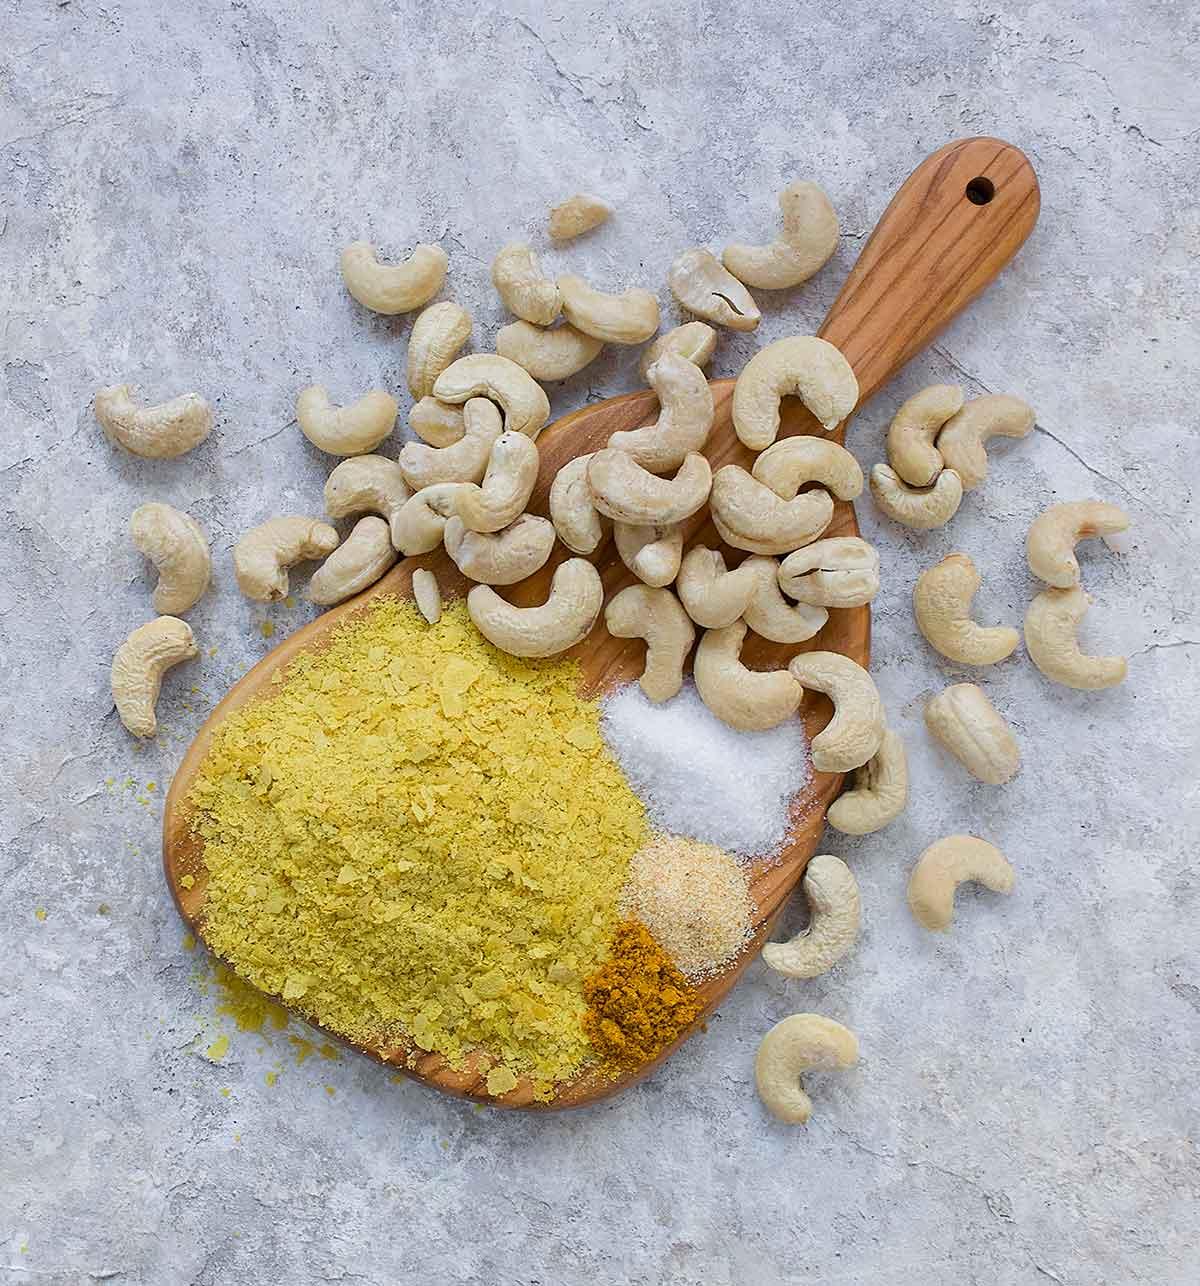 Vegan parm seasoning ingredients on cutting board.